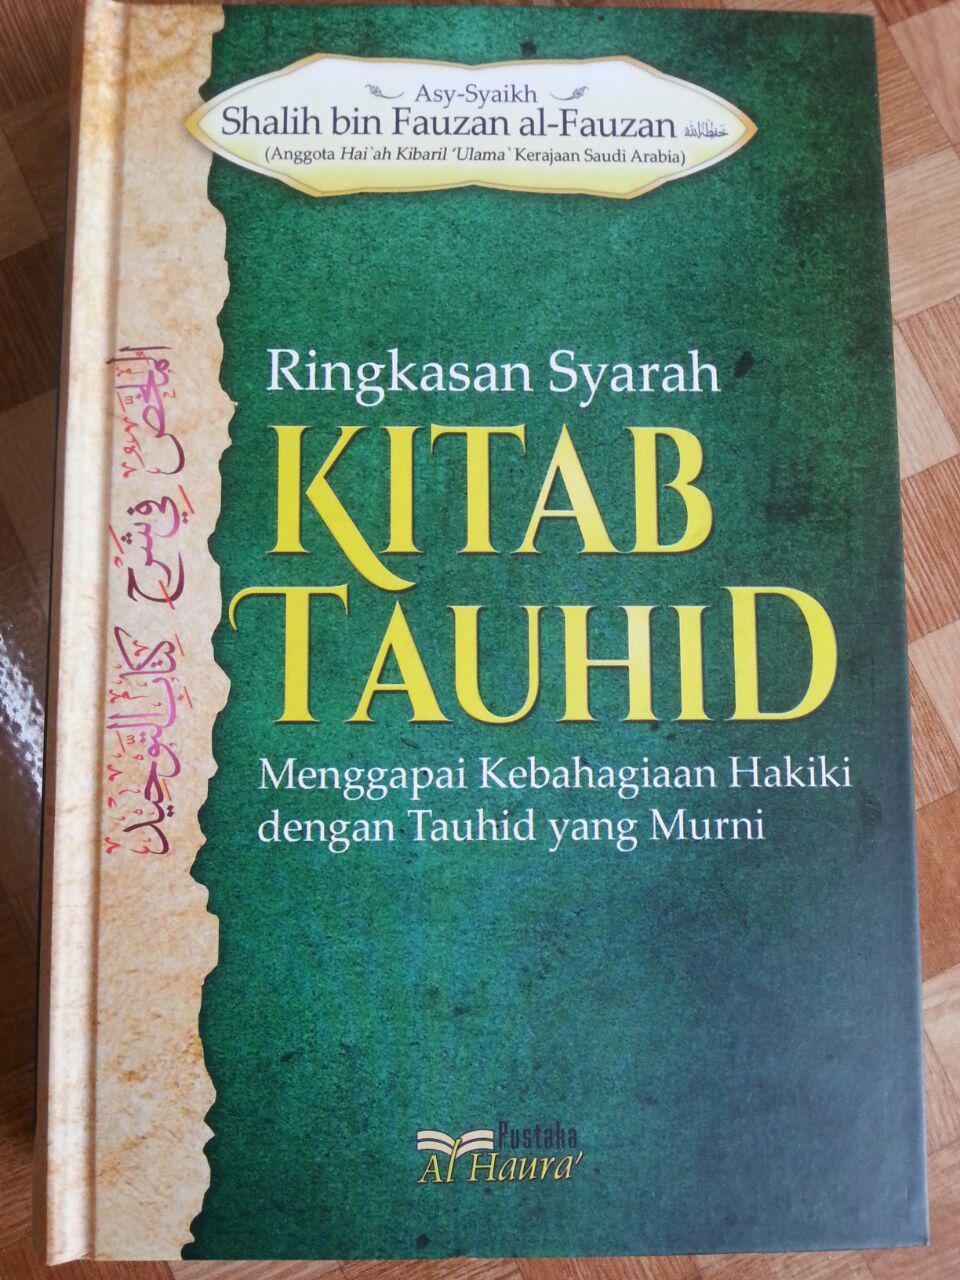 Buku Ringkasan Syarah Kitab Tauhid cover 2